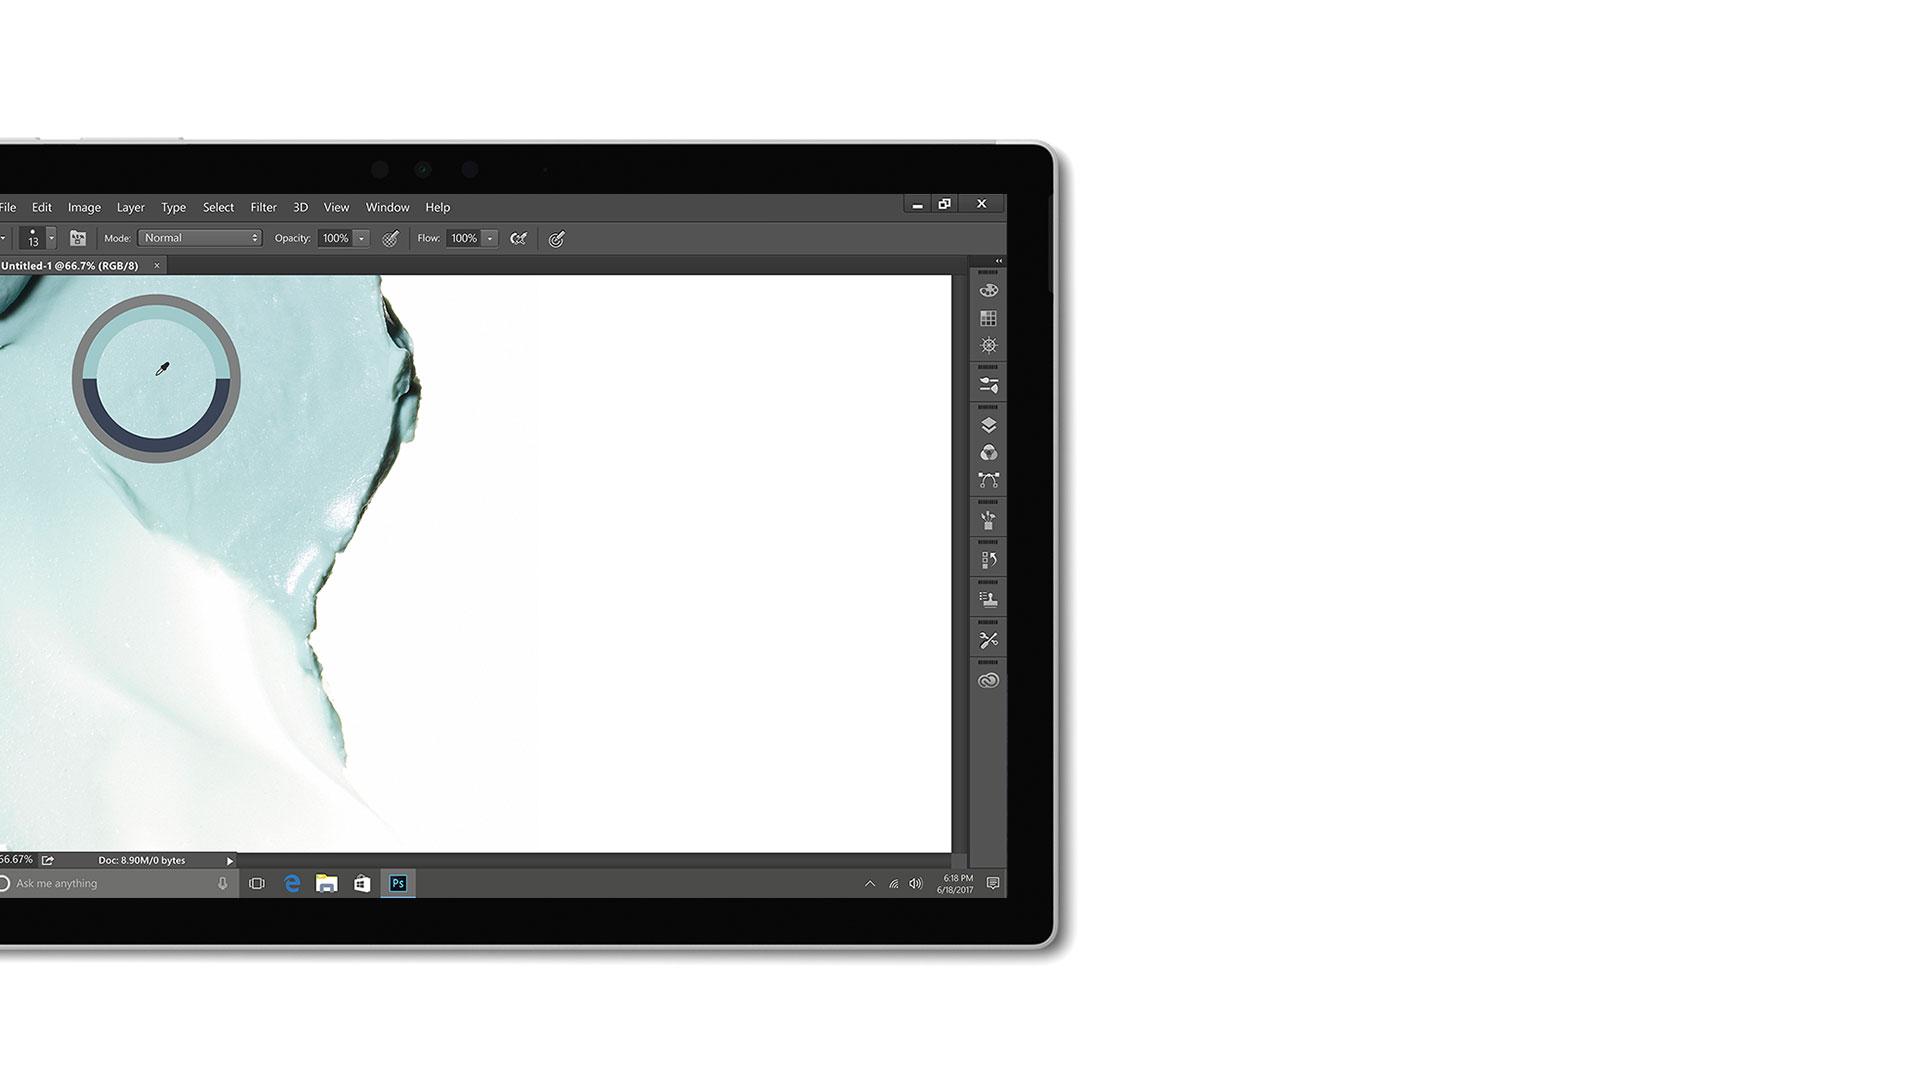 Imagen de la interfaz de usuario de Adobe Creative Cloud